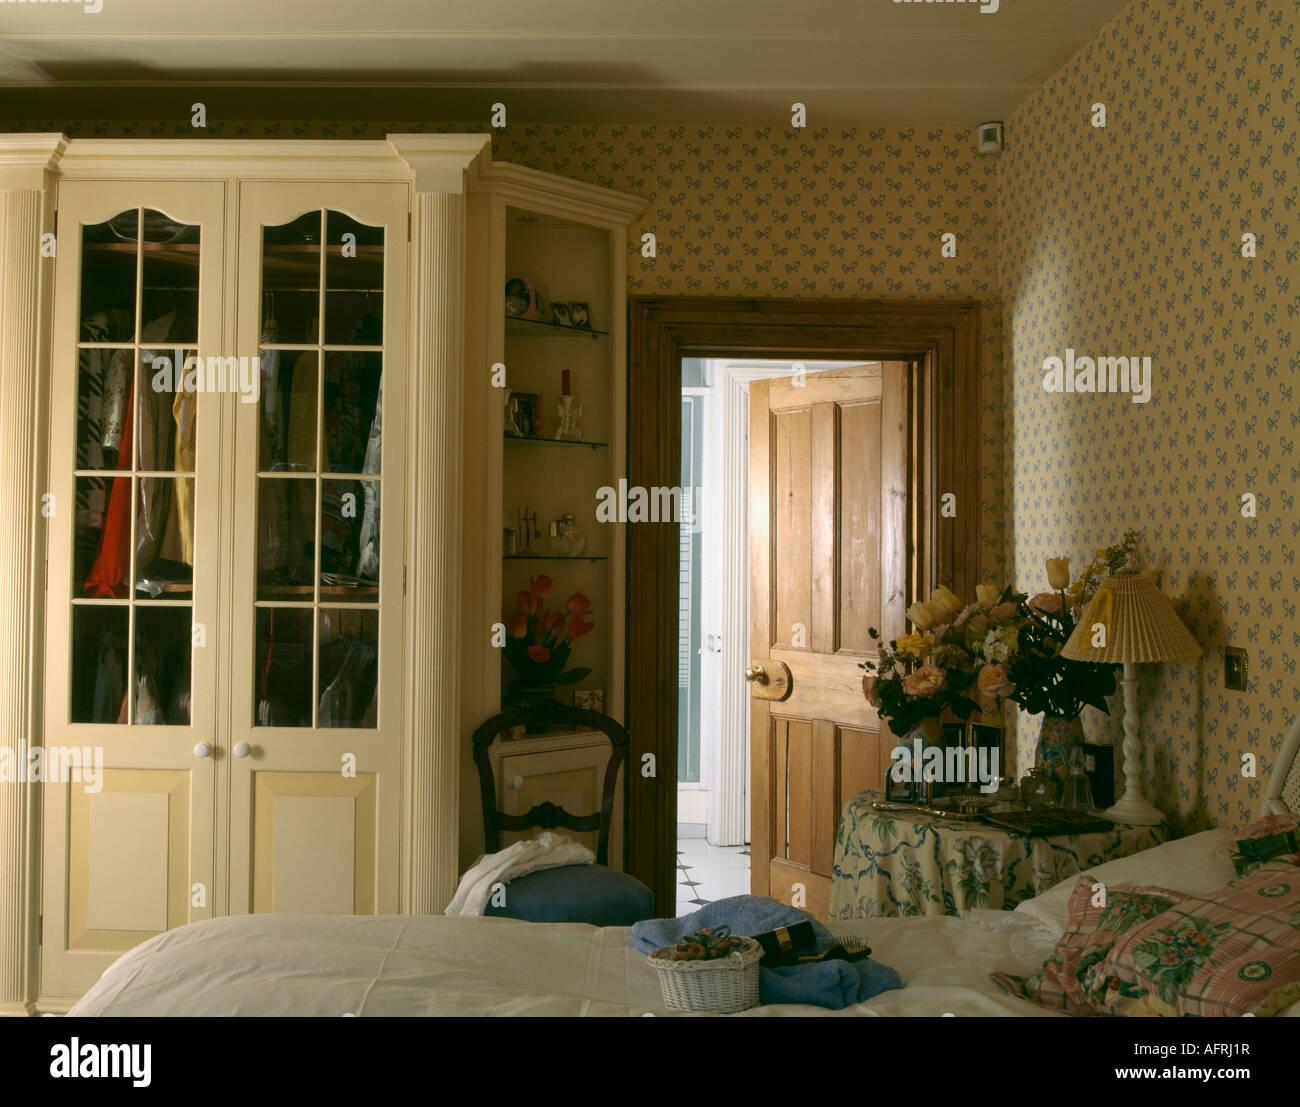 Einbauschrank in neunziger Jahre Schlafzimmer mit Tapeten an den ...